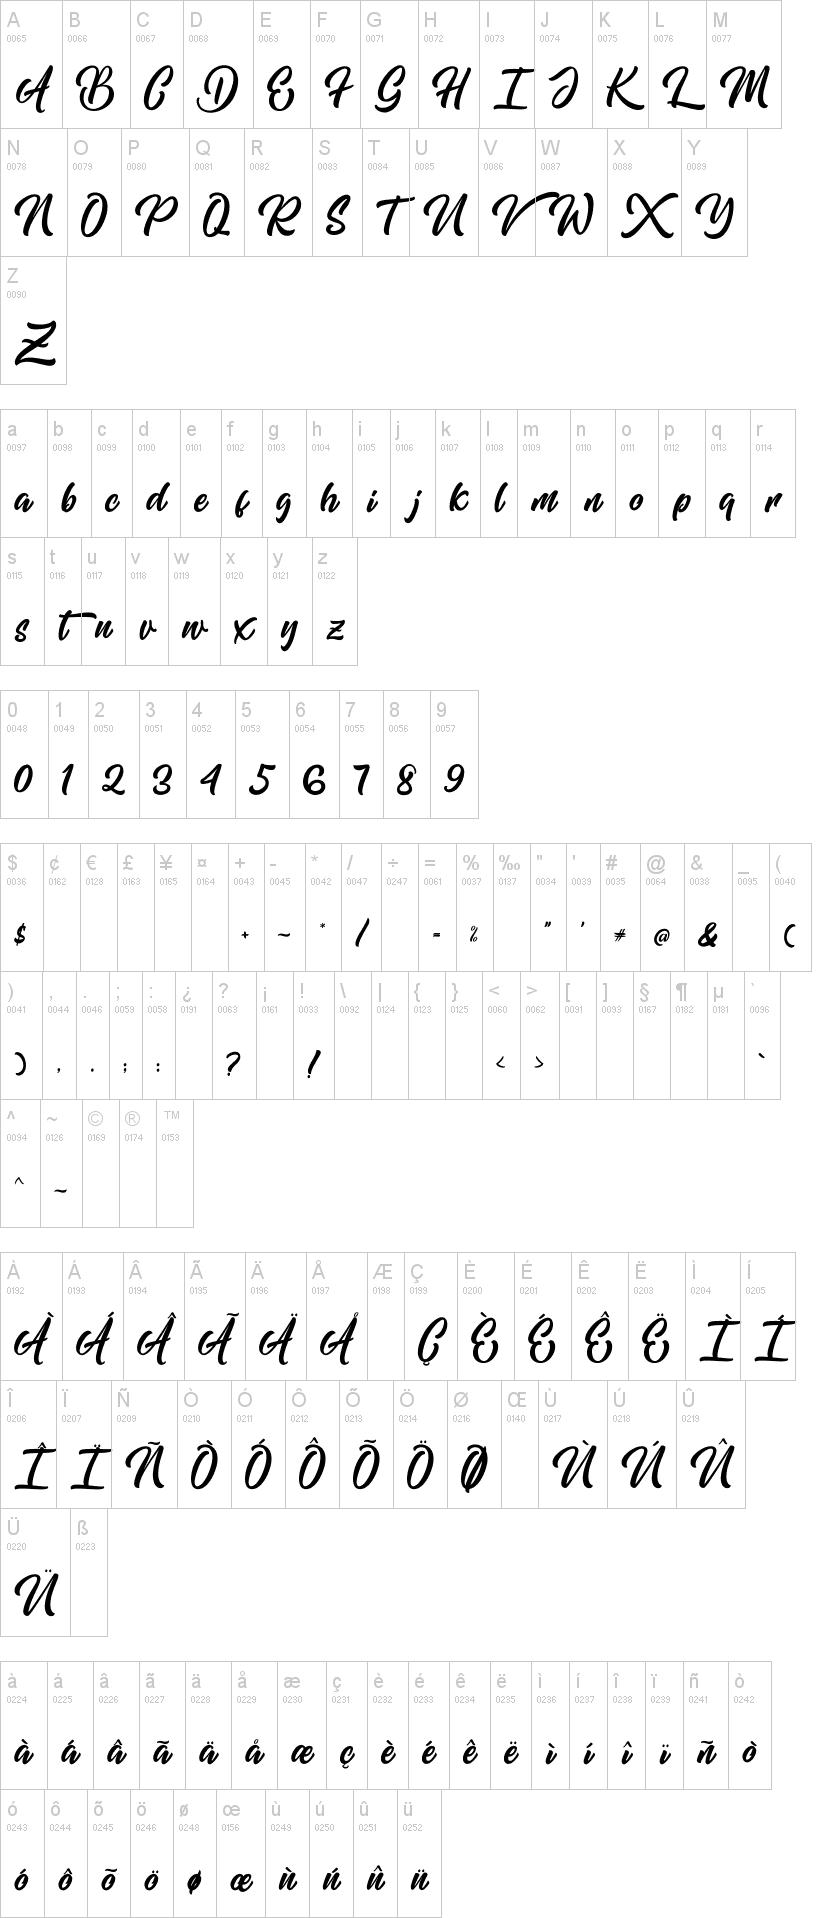 Mishaland Font-1